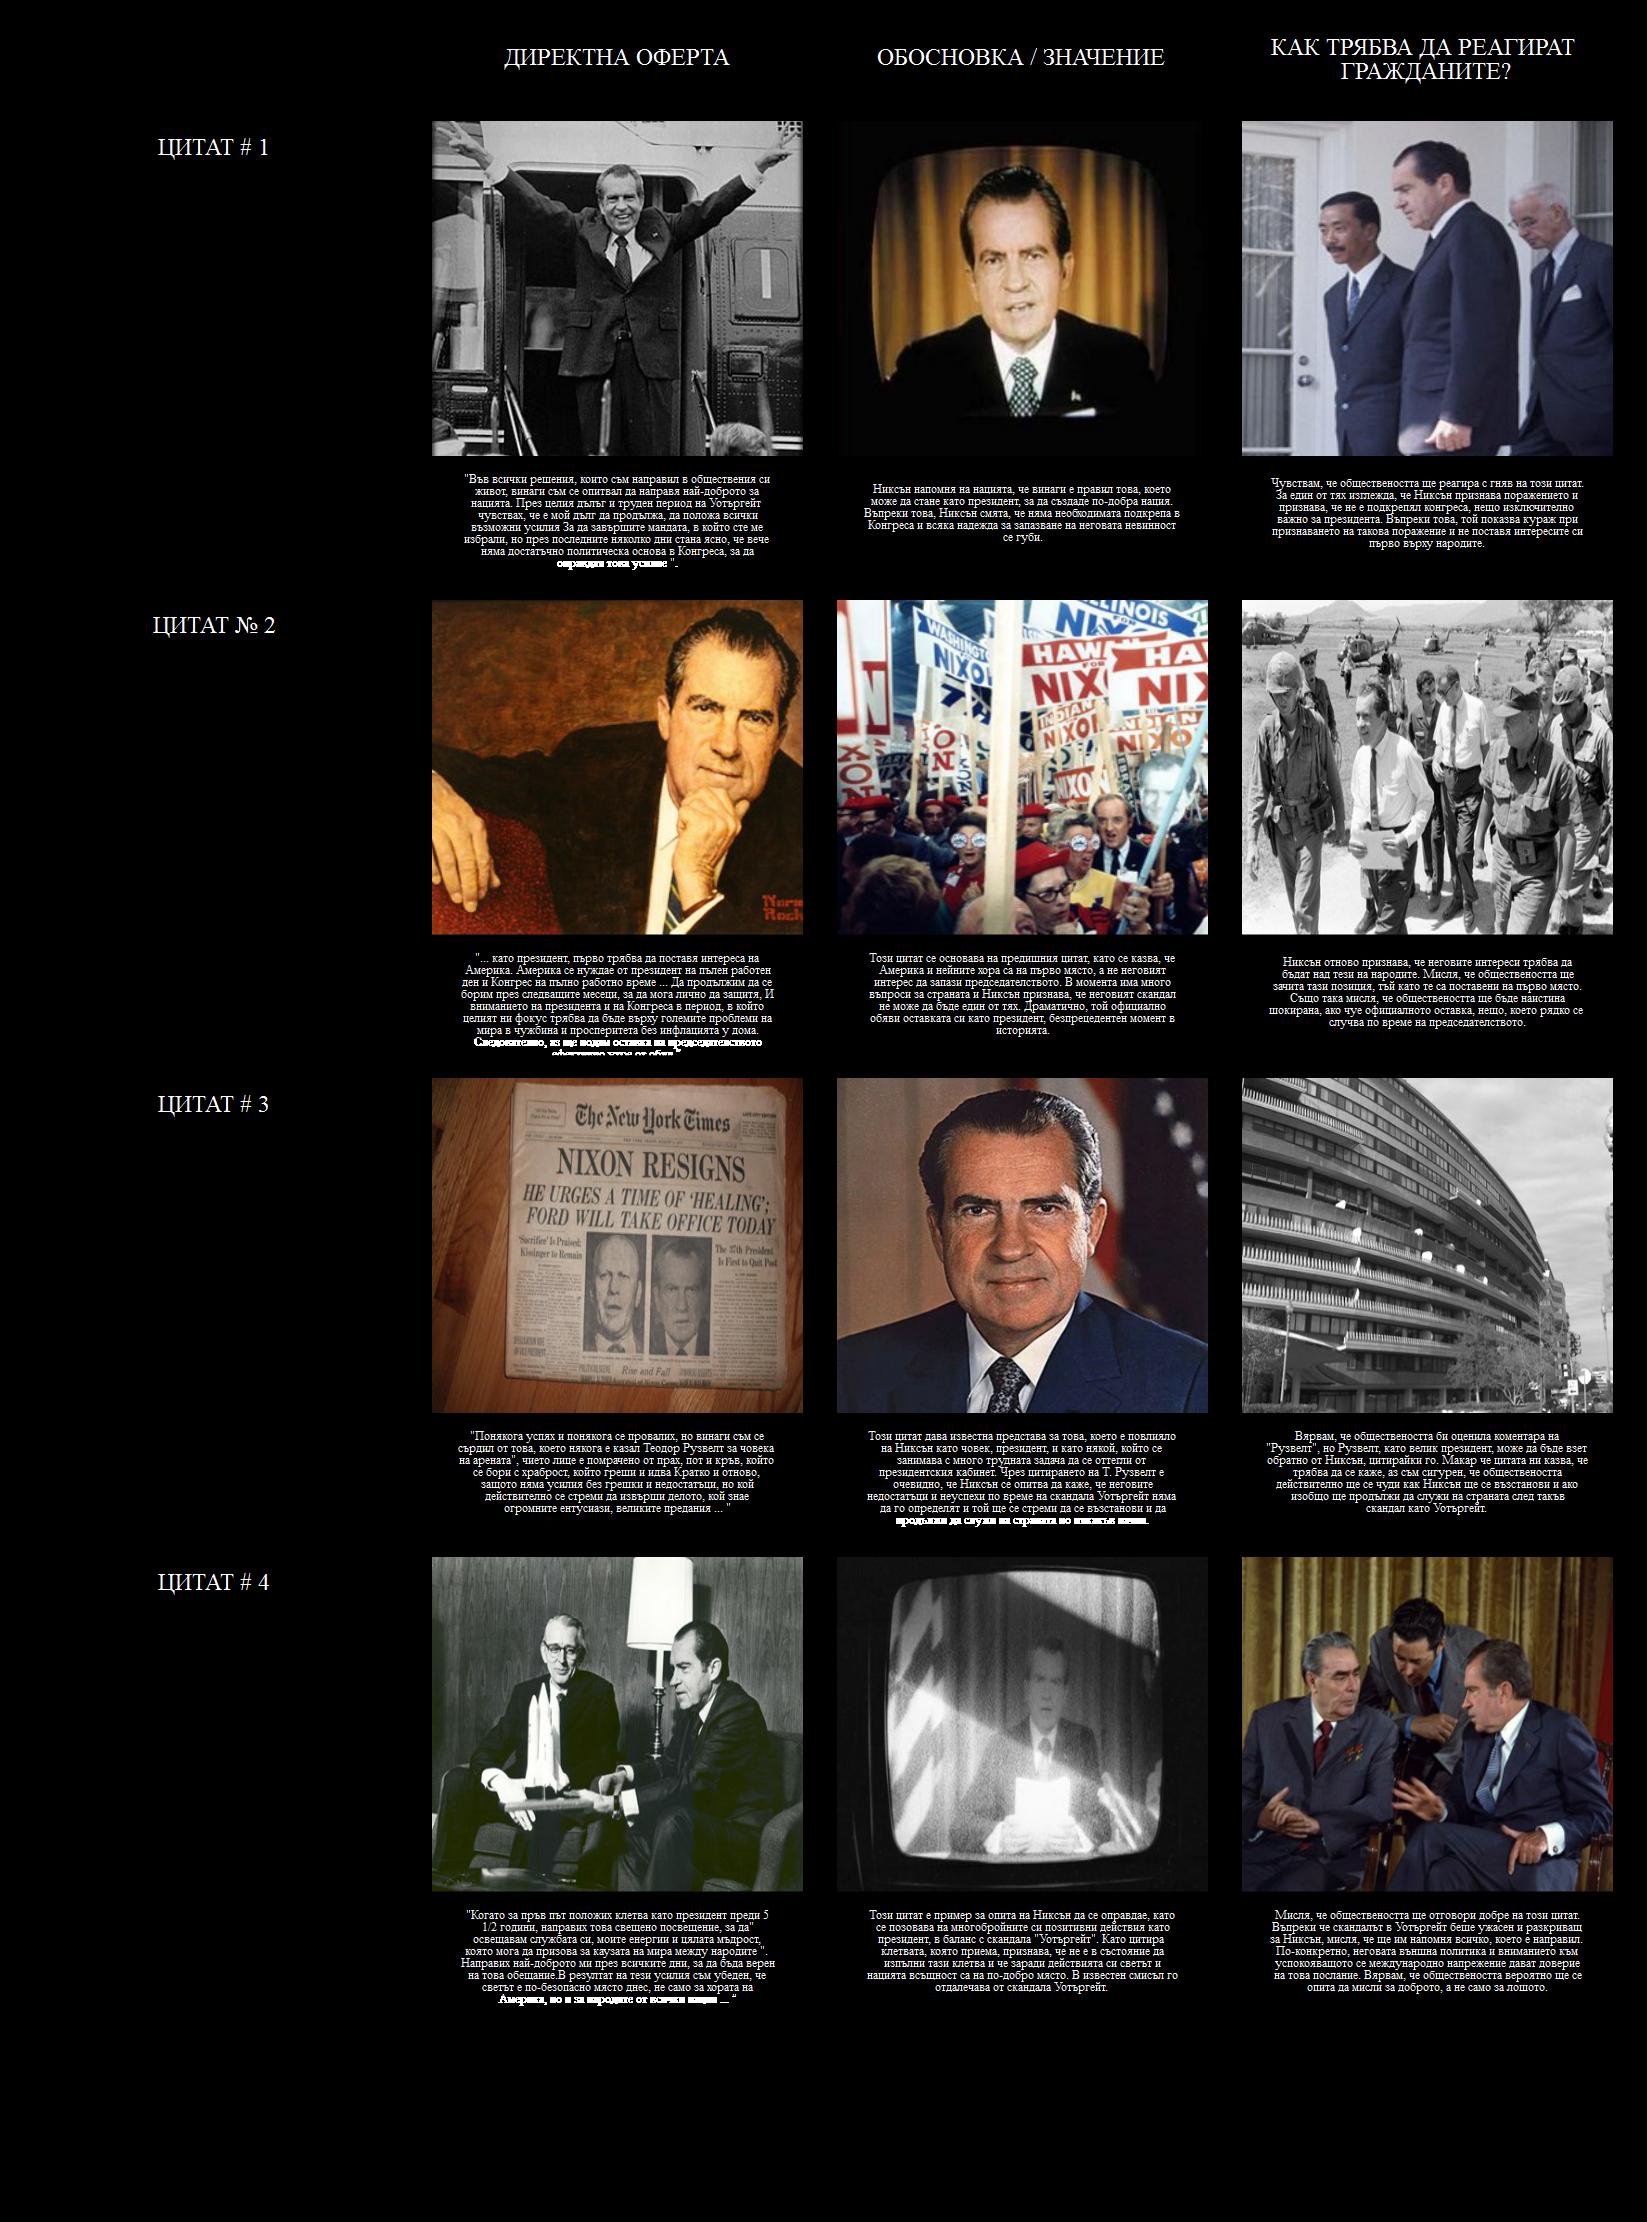 Никсън оставка реч от 1974 г